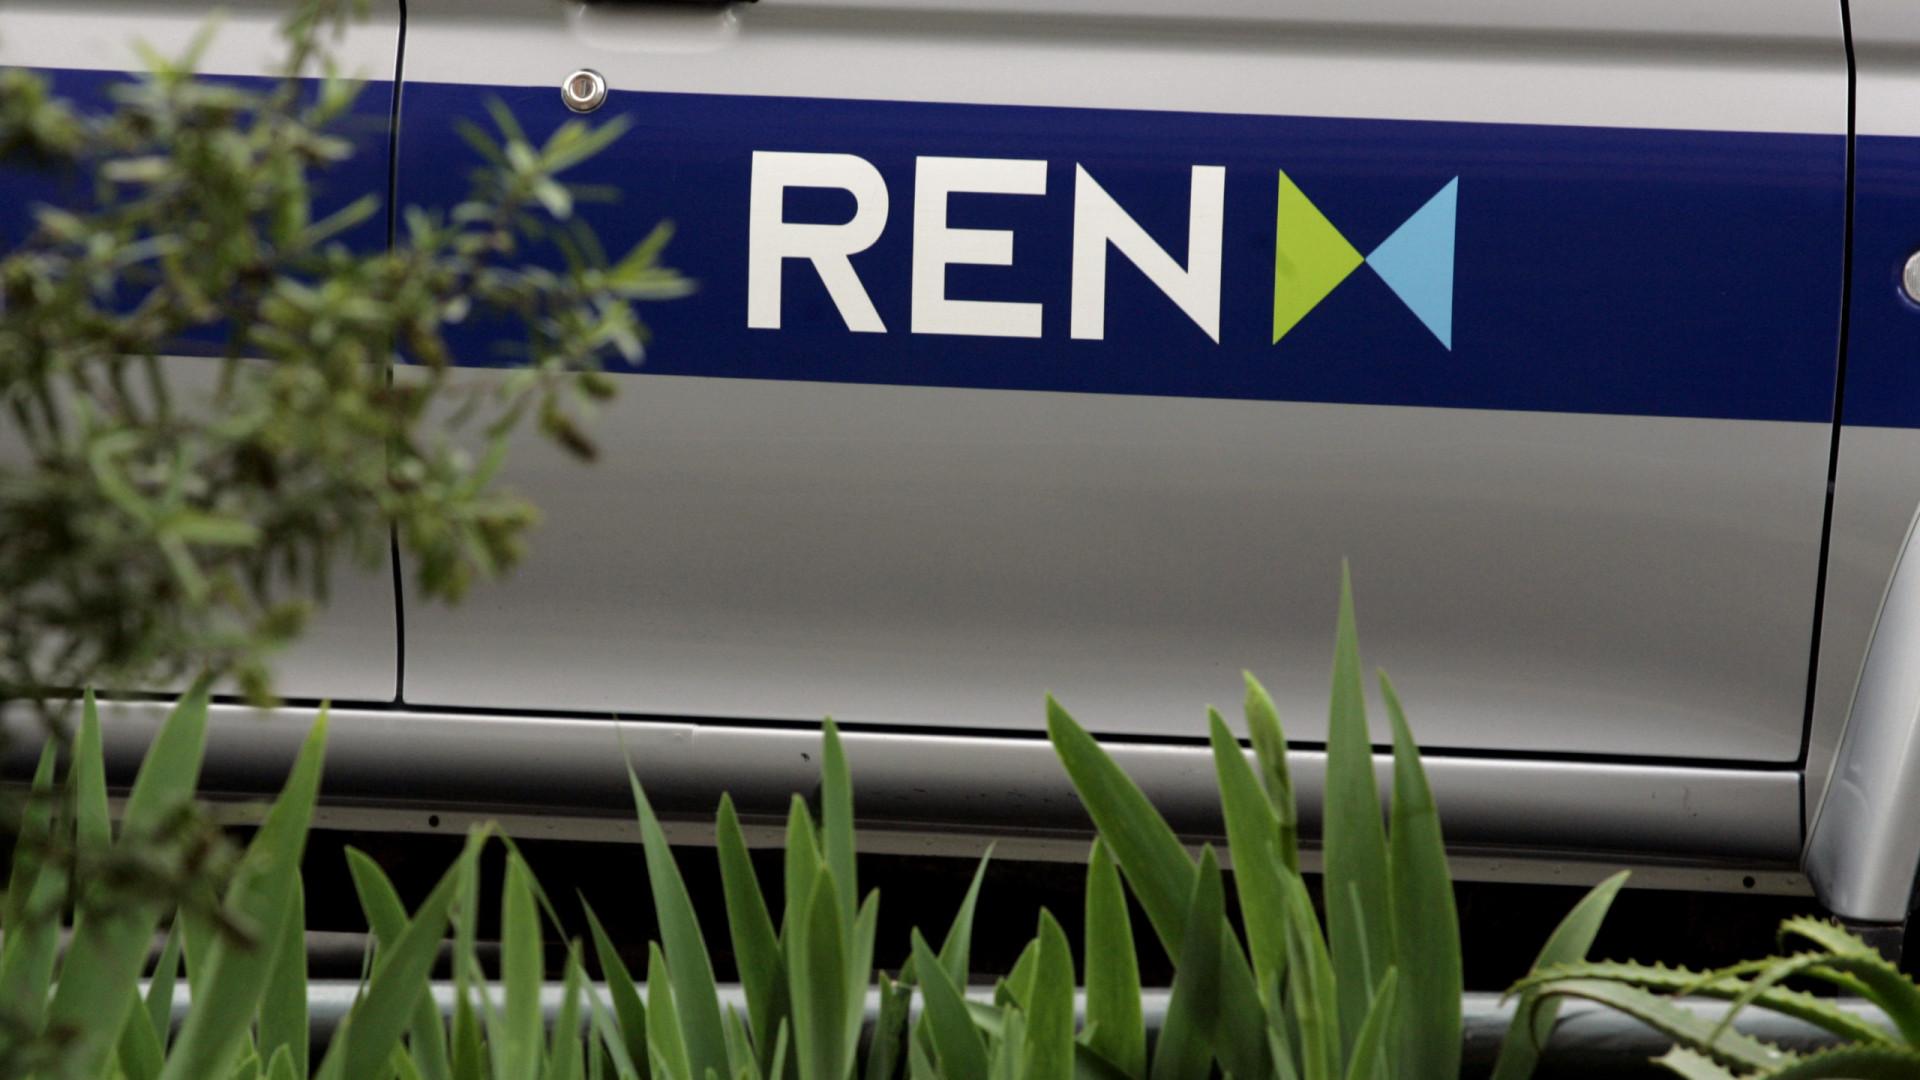 REN aumenta capital em 250 milhões, com novas ações a 1,877 euros